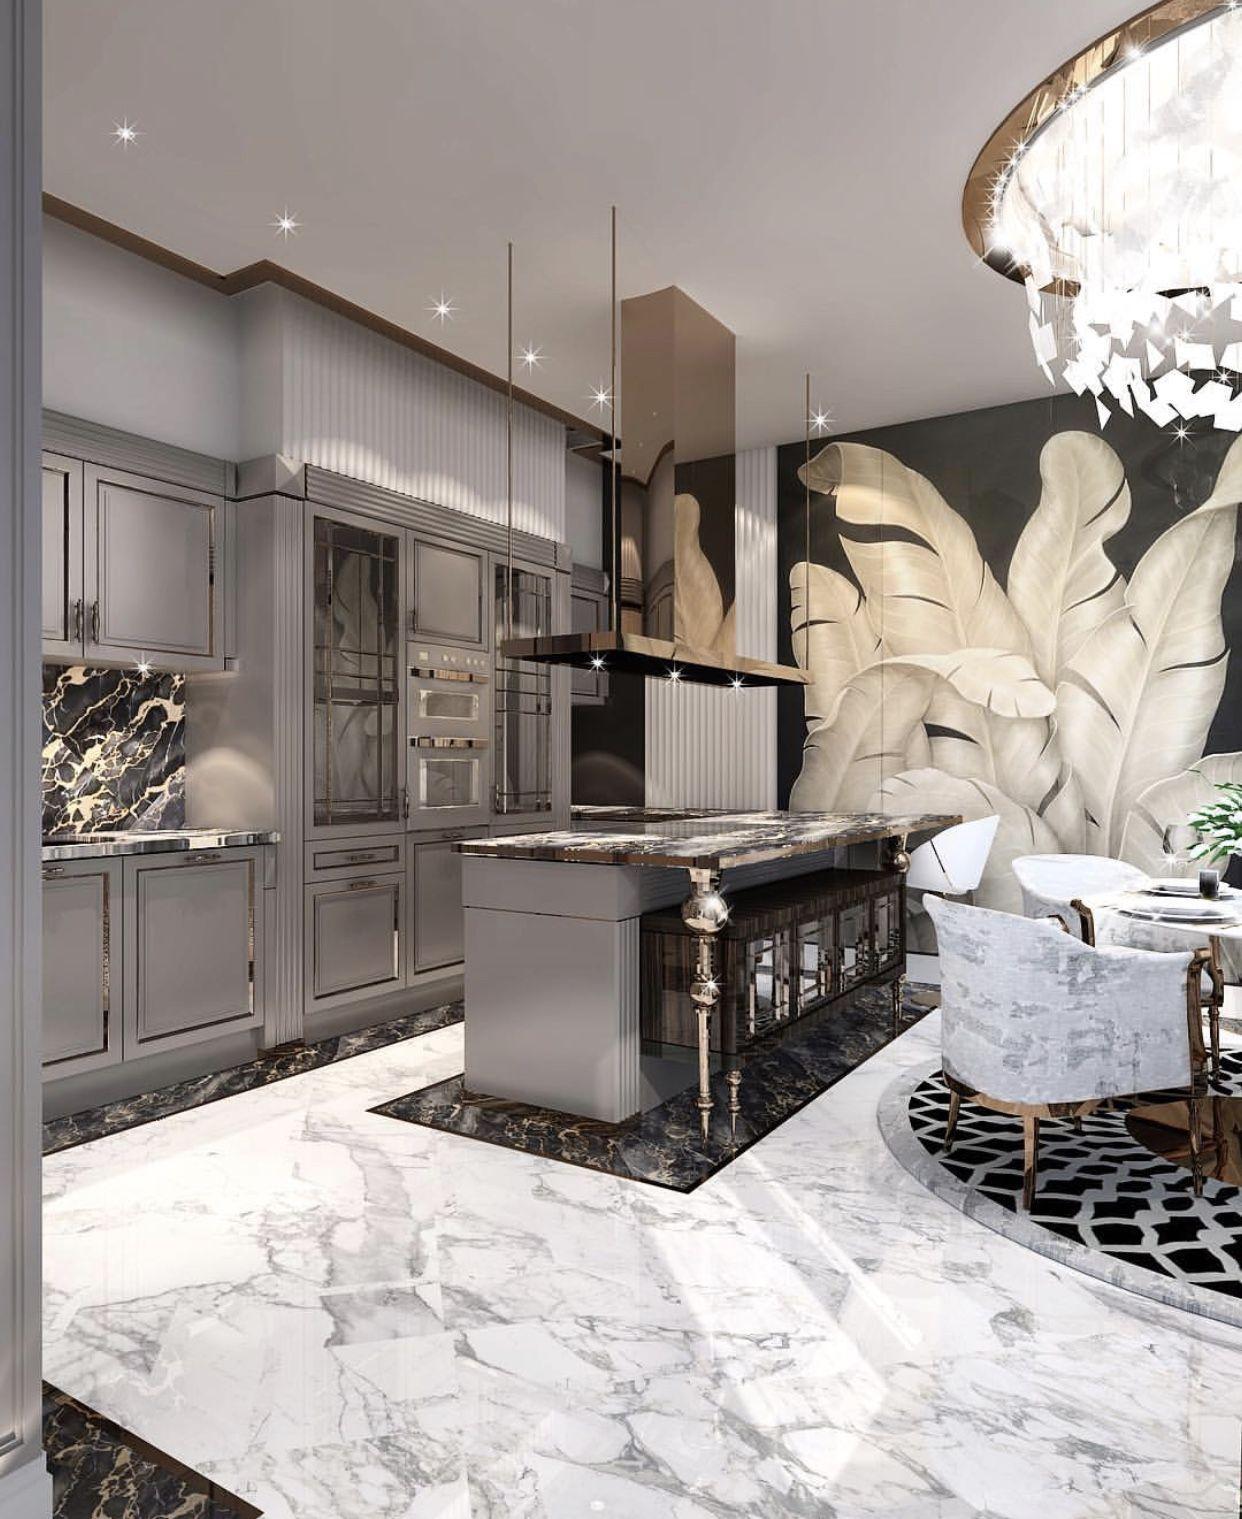 Messy Kitchen Floor Plan: 33+ Inspiring Kitchen Floor Plans You Will Love / Design